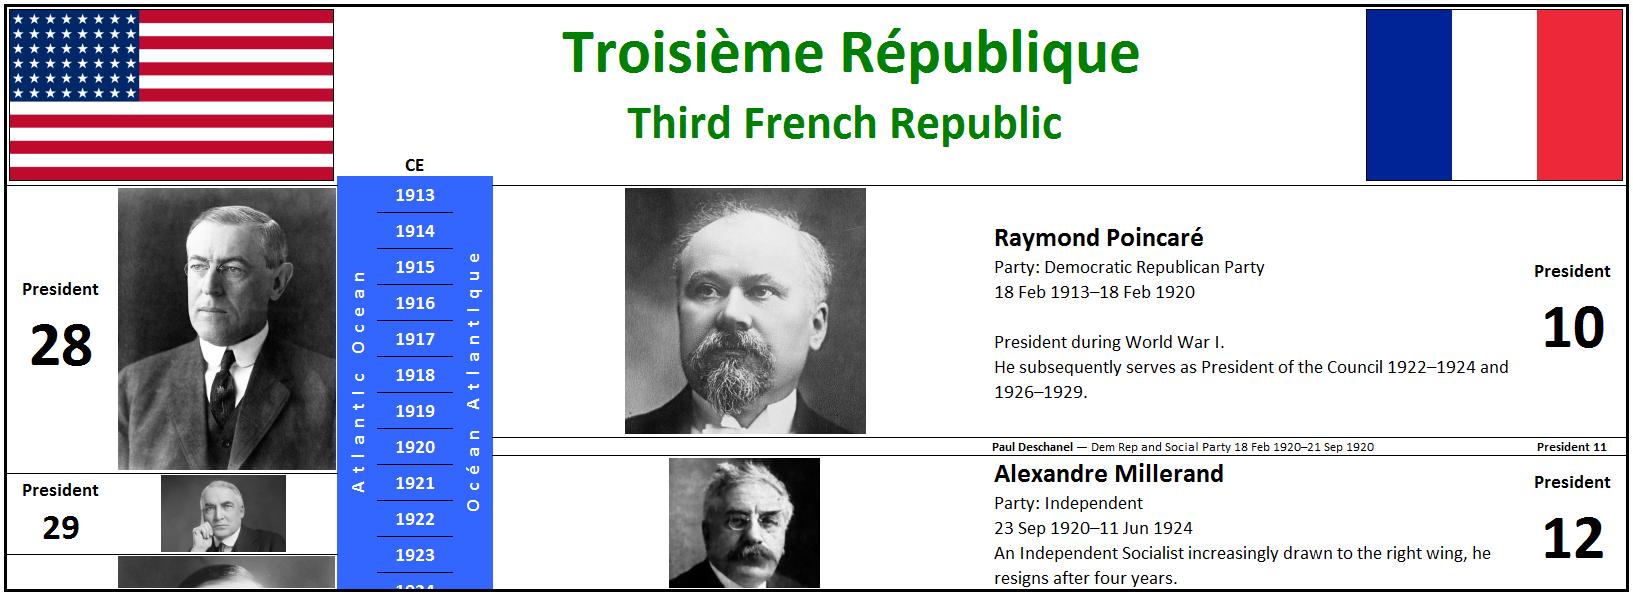 1913 Troisième République